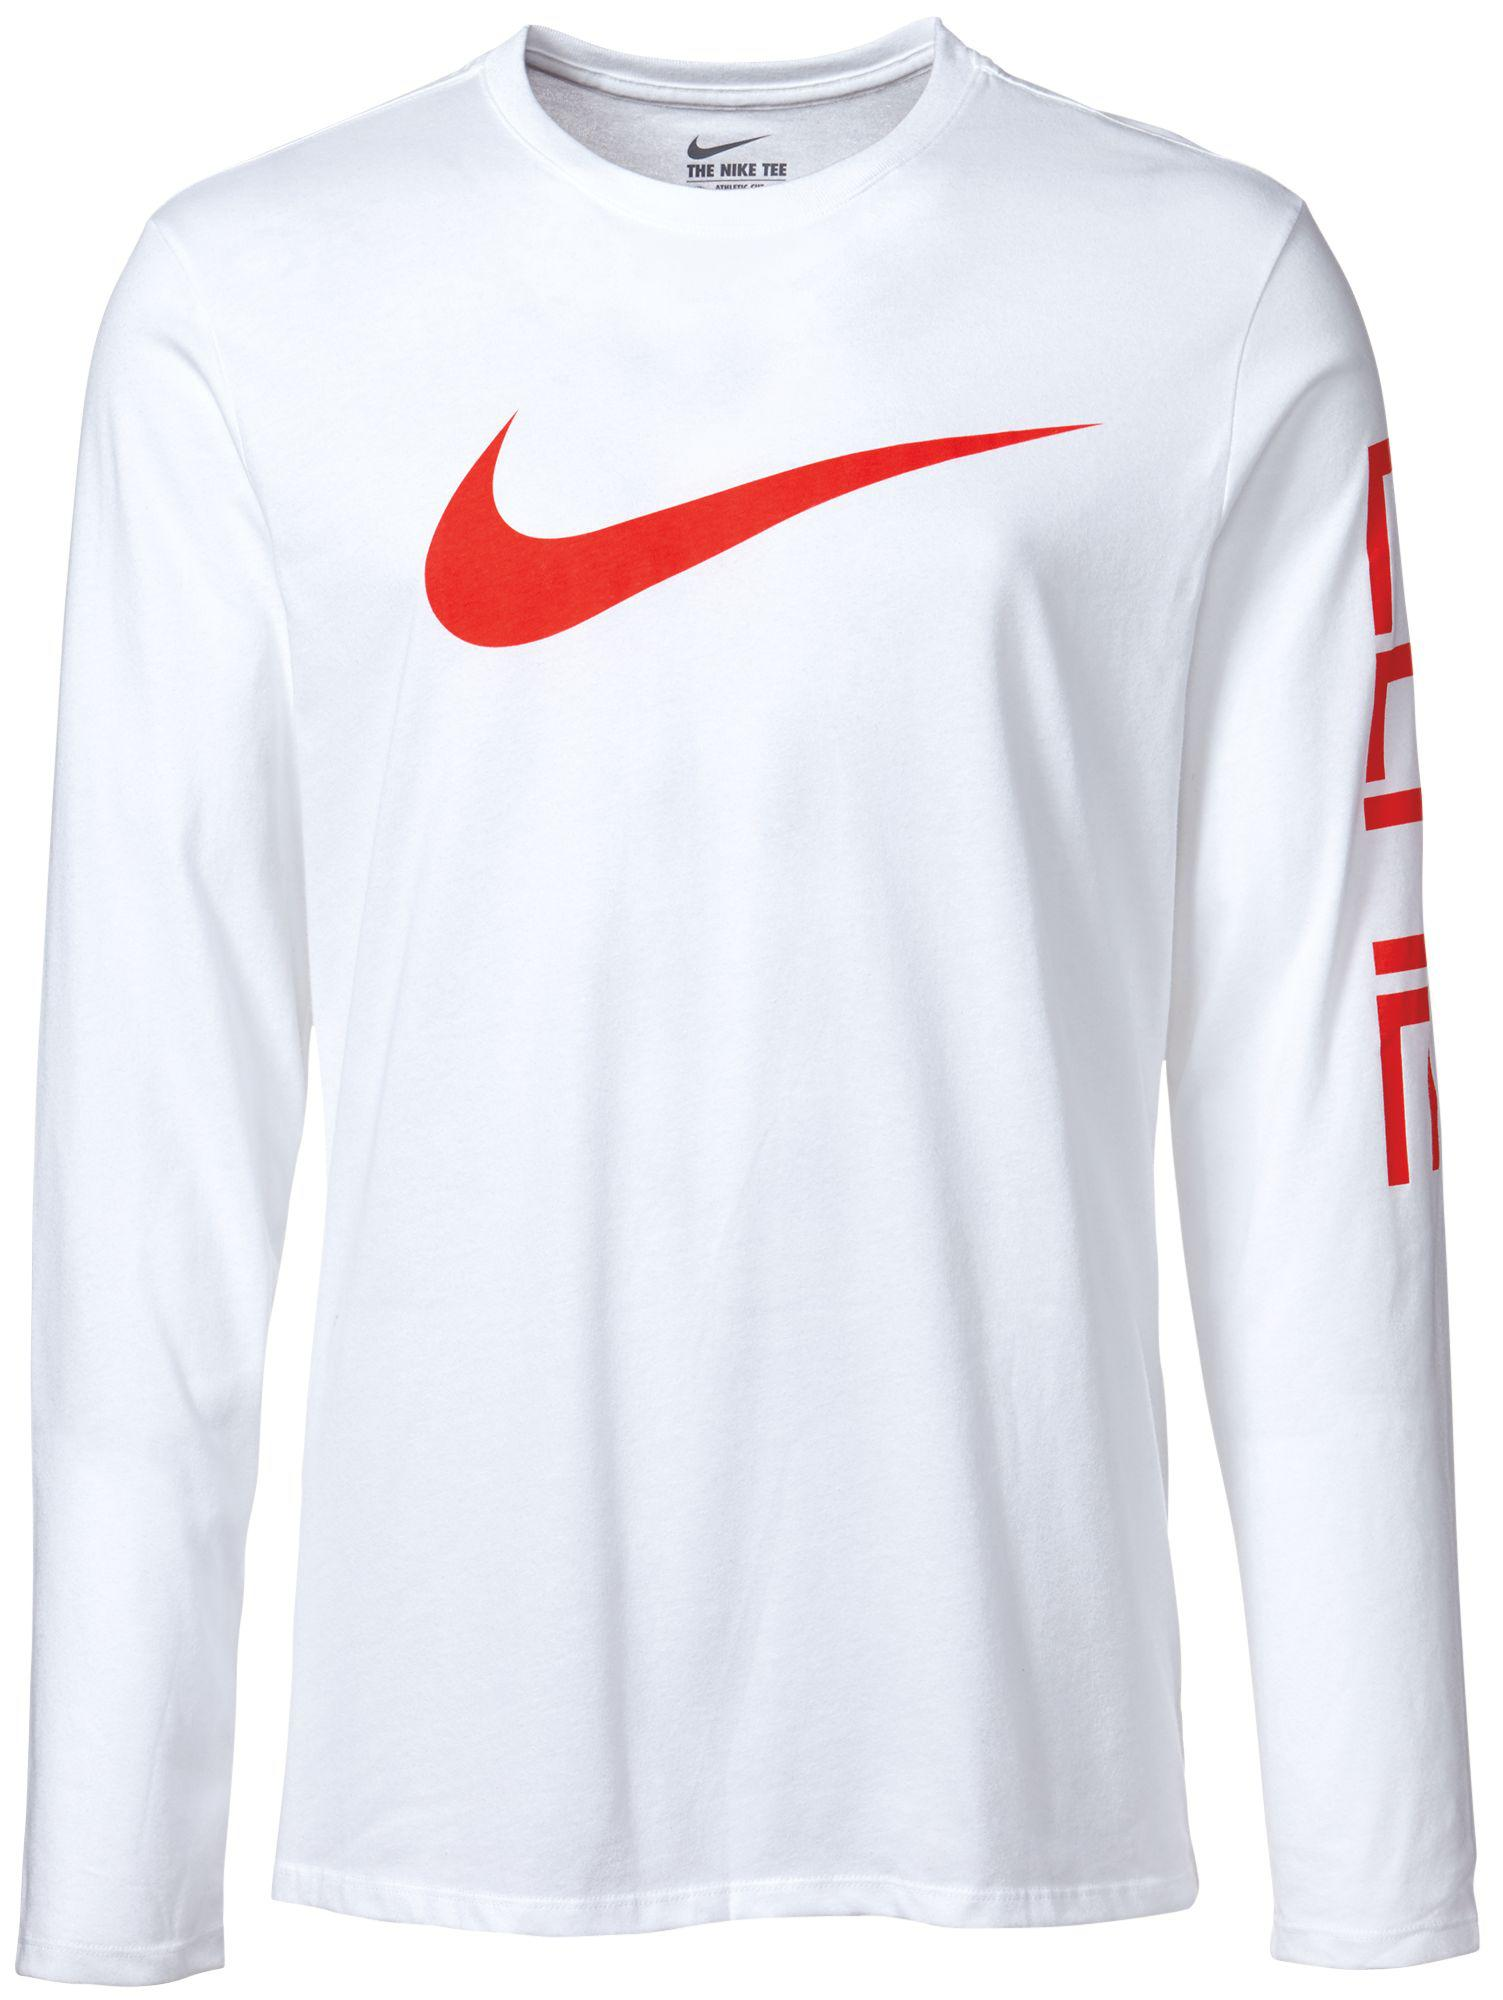 2ee716ba839 Nike Elite Long Sleeve Basketball Shirt in White for Men - Lyst